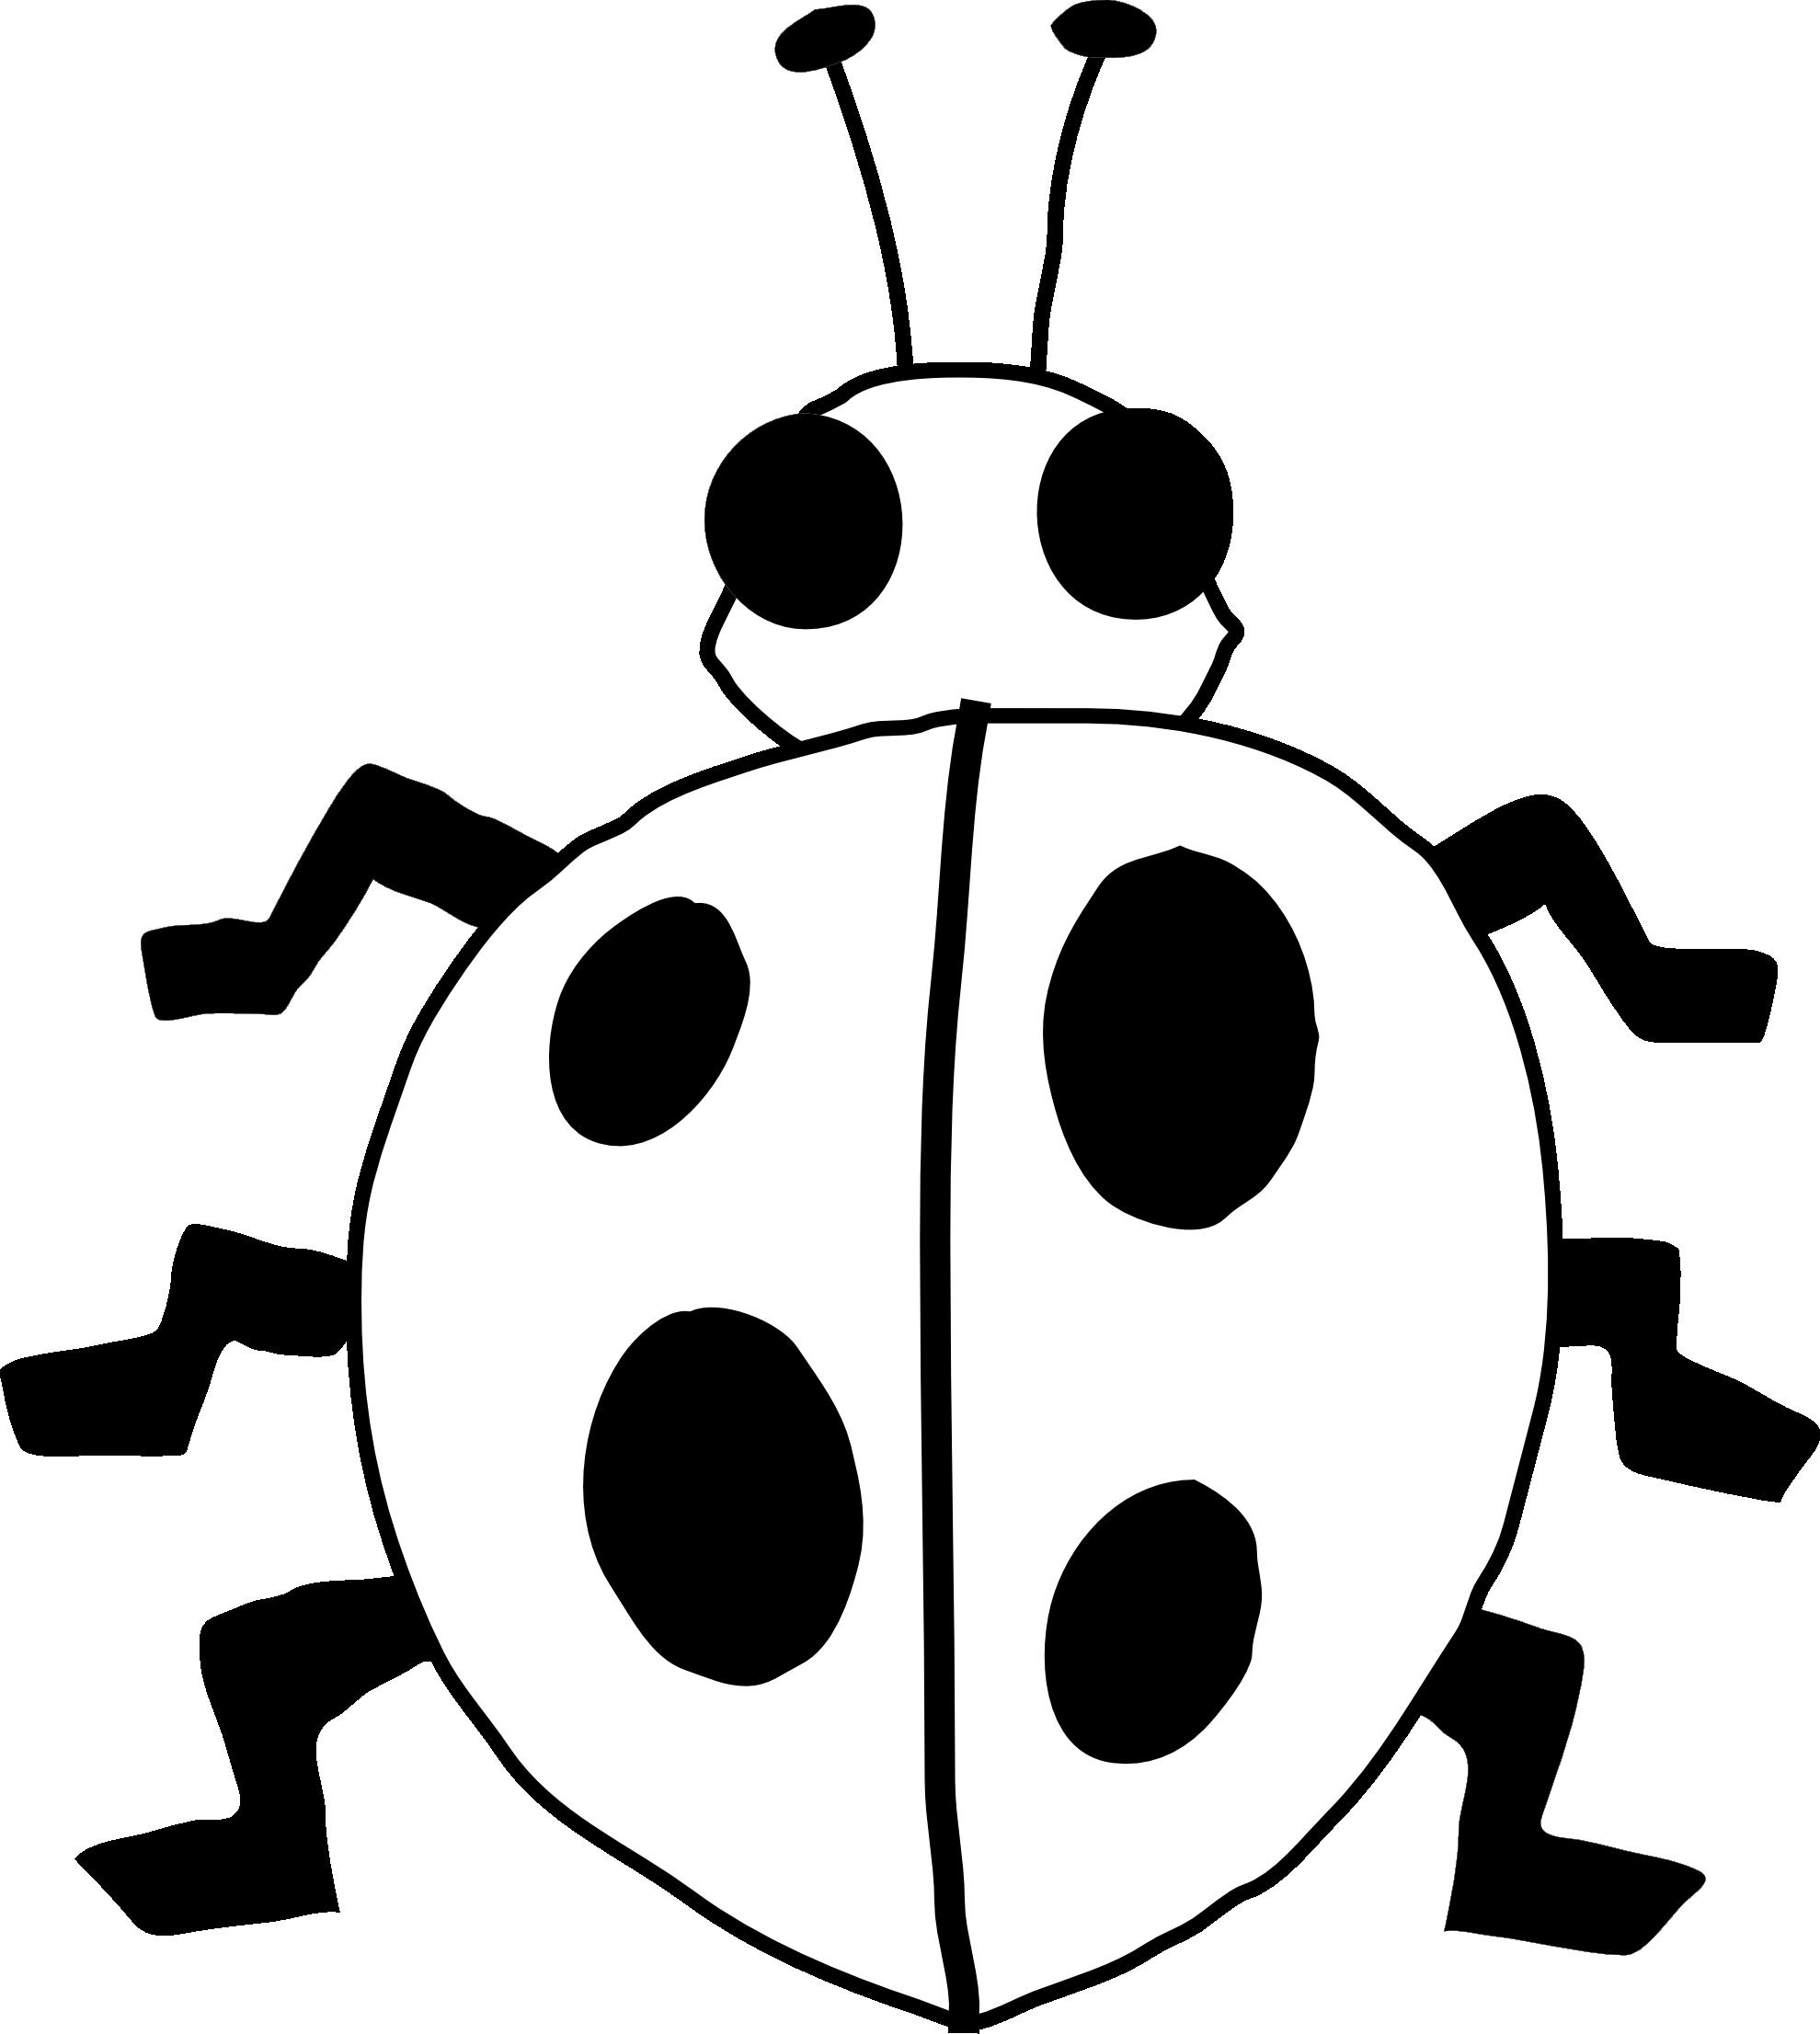 image freeuse download Ladybugs clipart symmetrical. Ladybug borders free on.